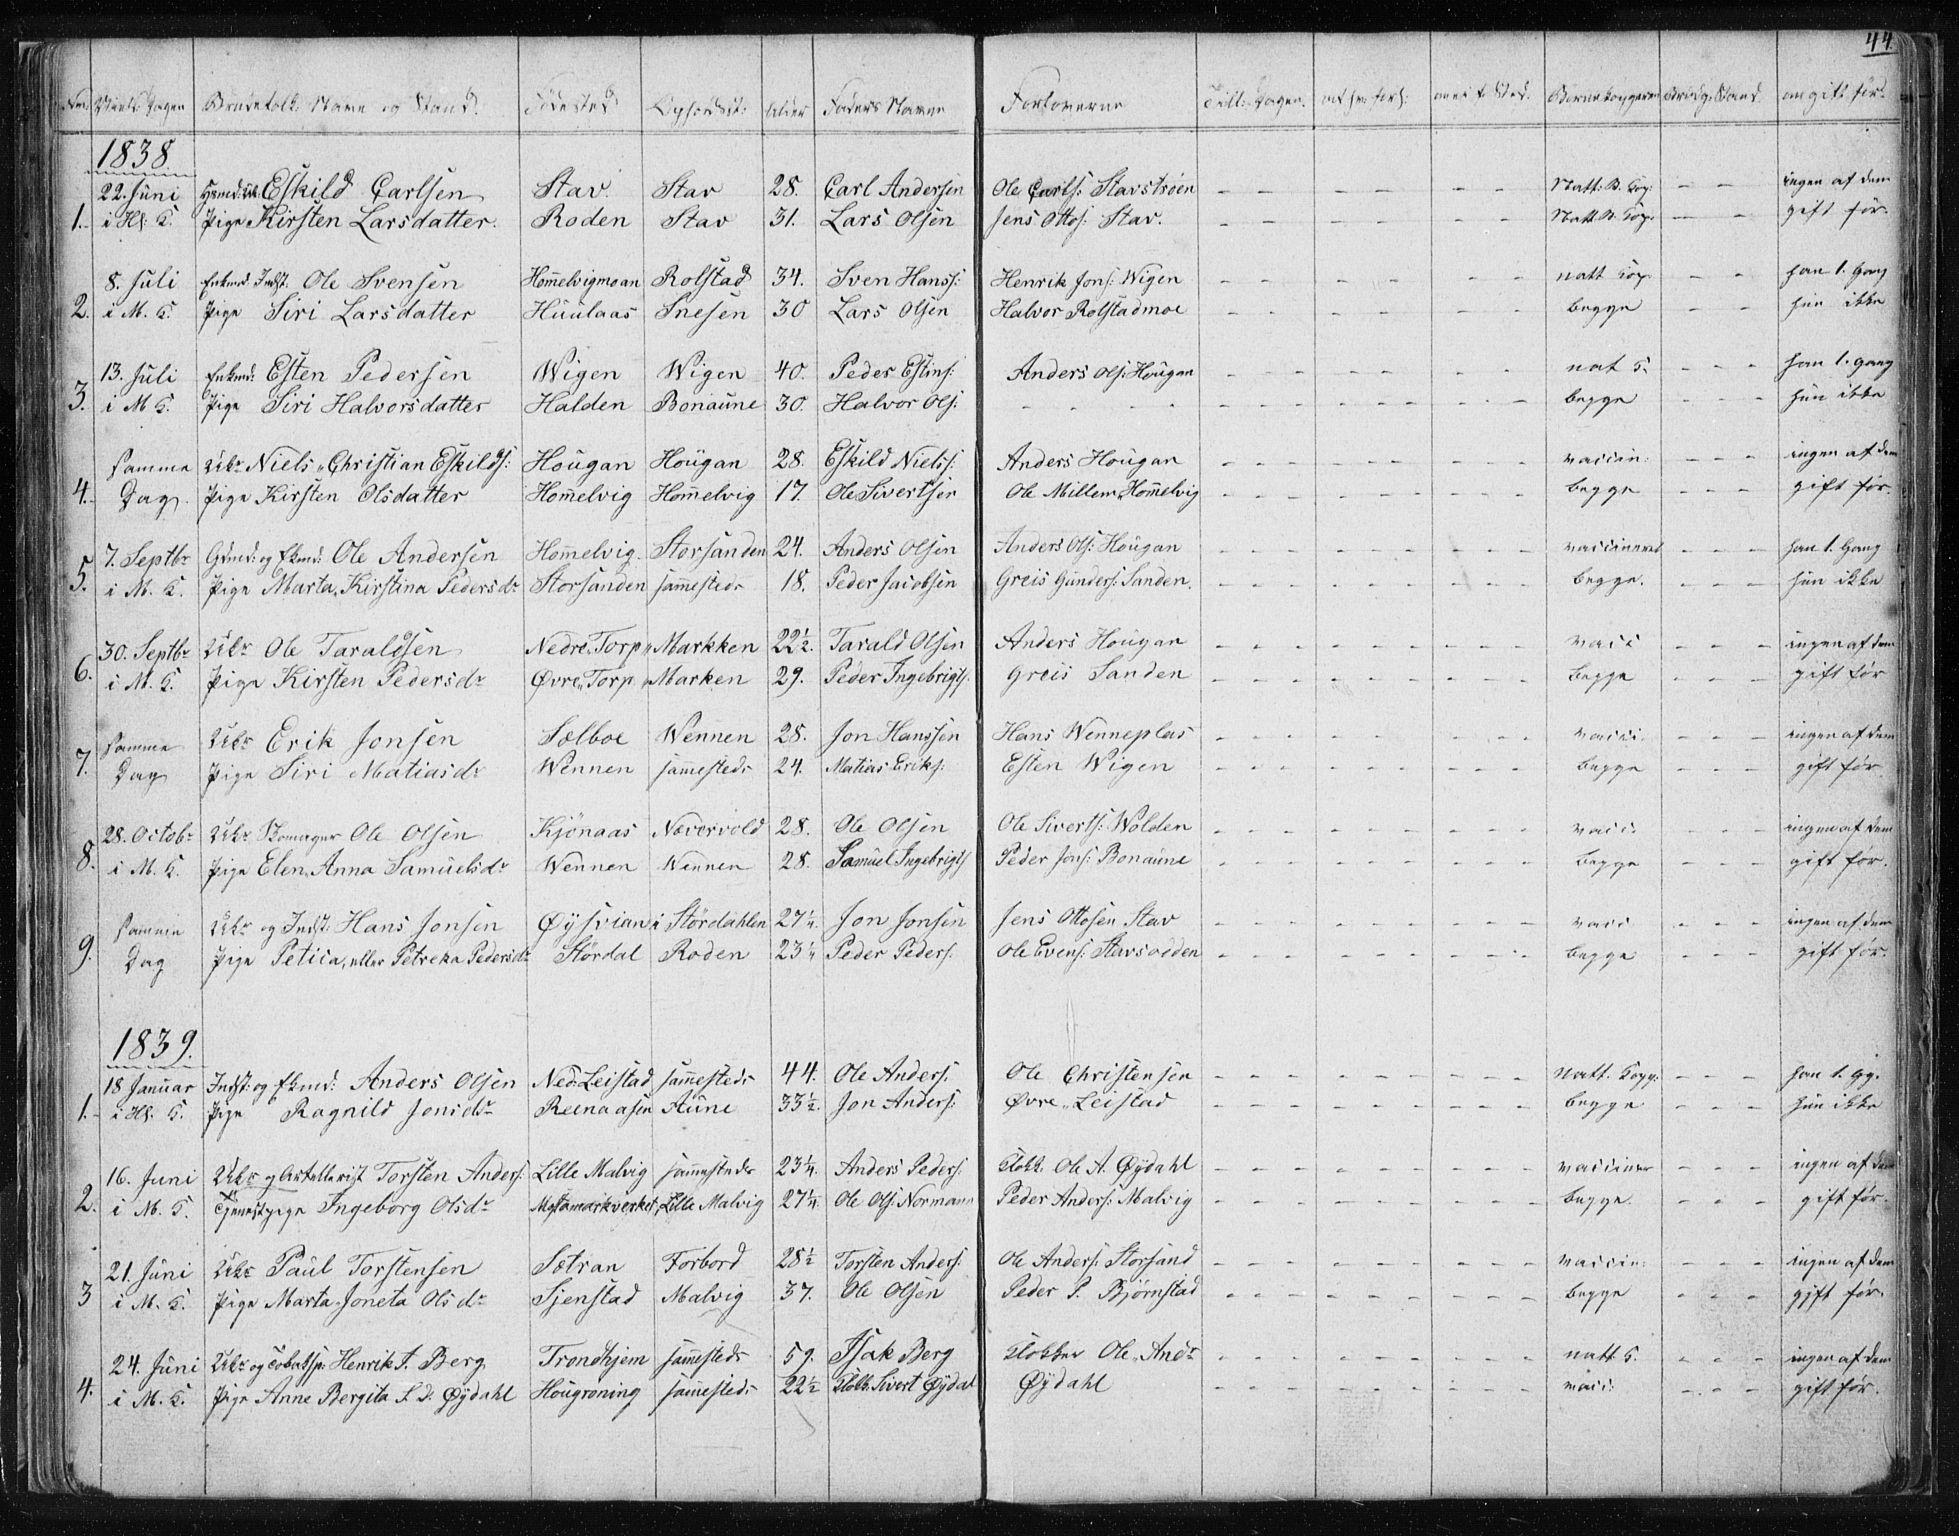 SAT, Ministerialprotokoller, klokkerbøker og fødselsregistre - Sør-Trøndelag, 616/L0405: Ministerialbok nr. 616A02, 1831-1842, s. 44